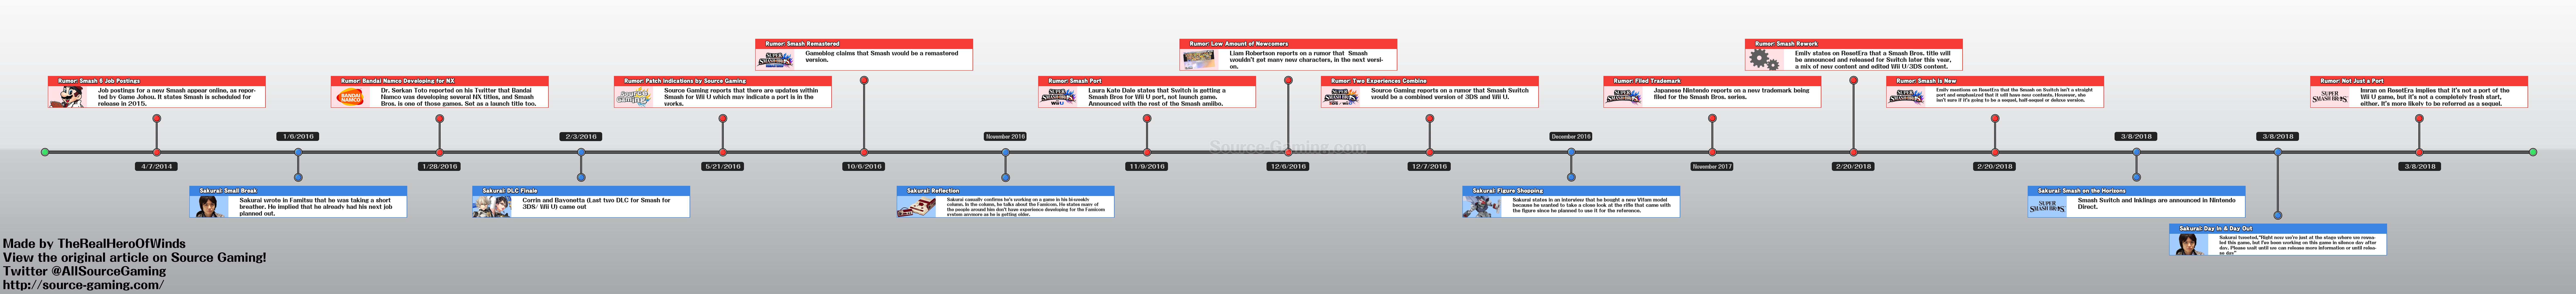 Le développement du jeu - Page 2 Timeline-1